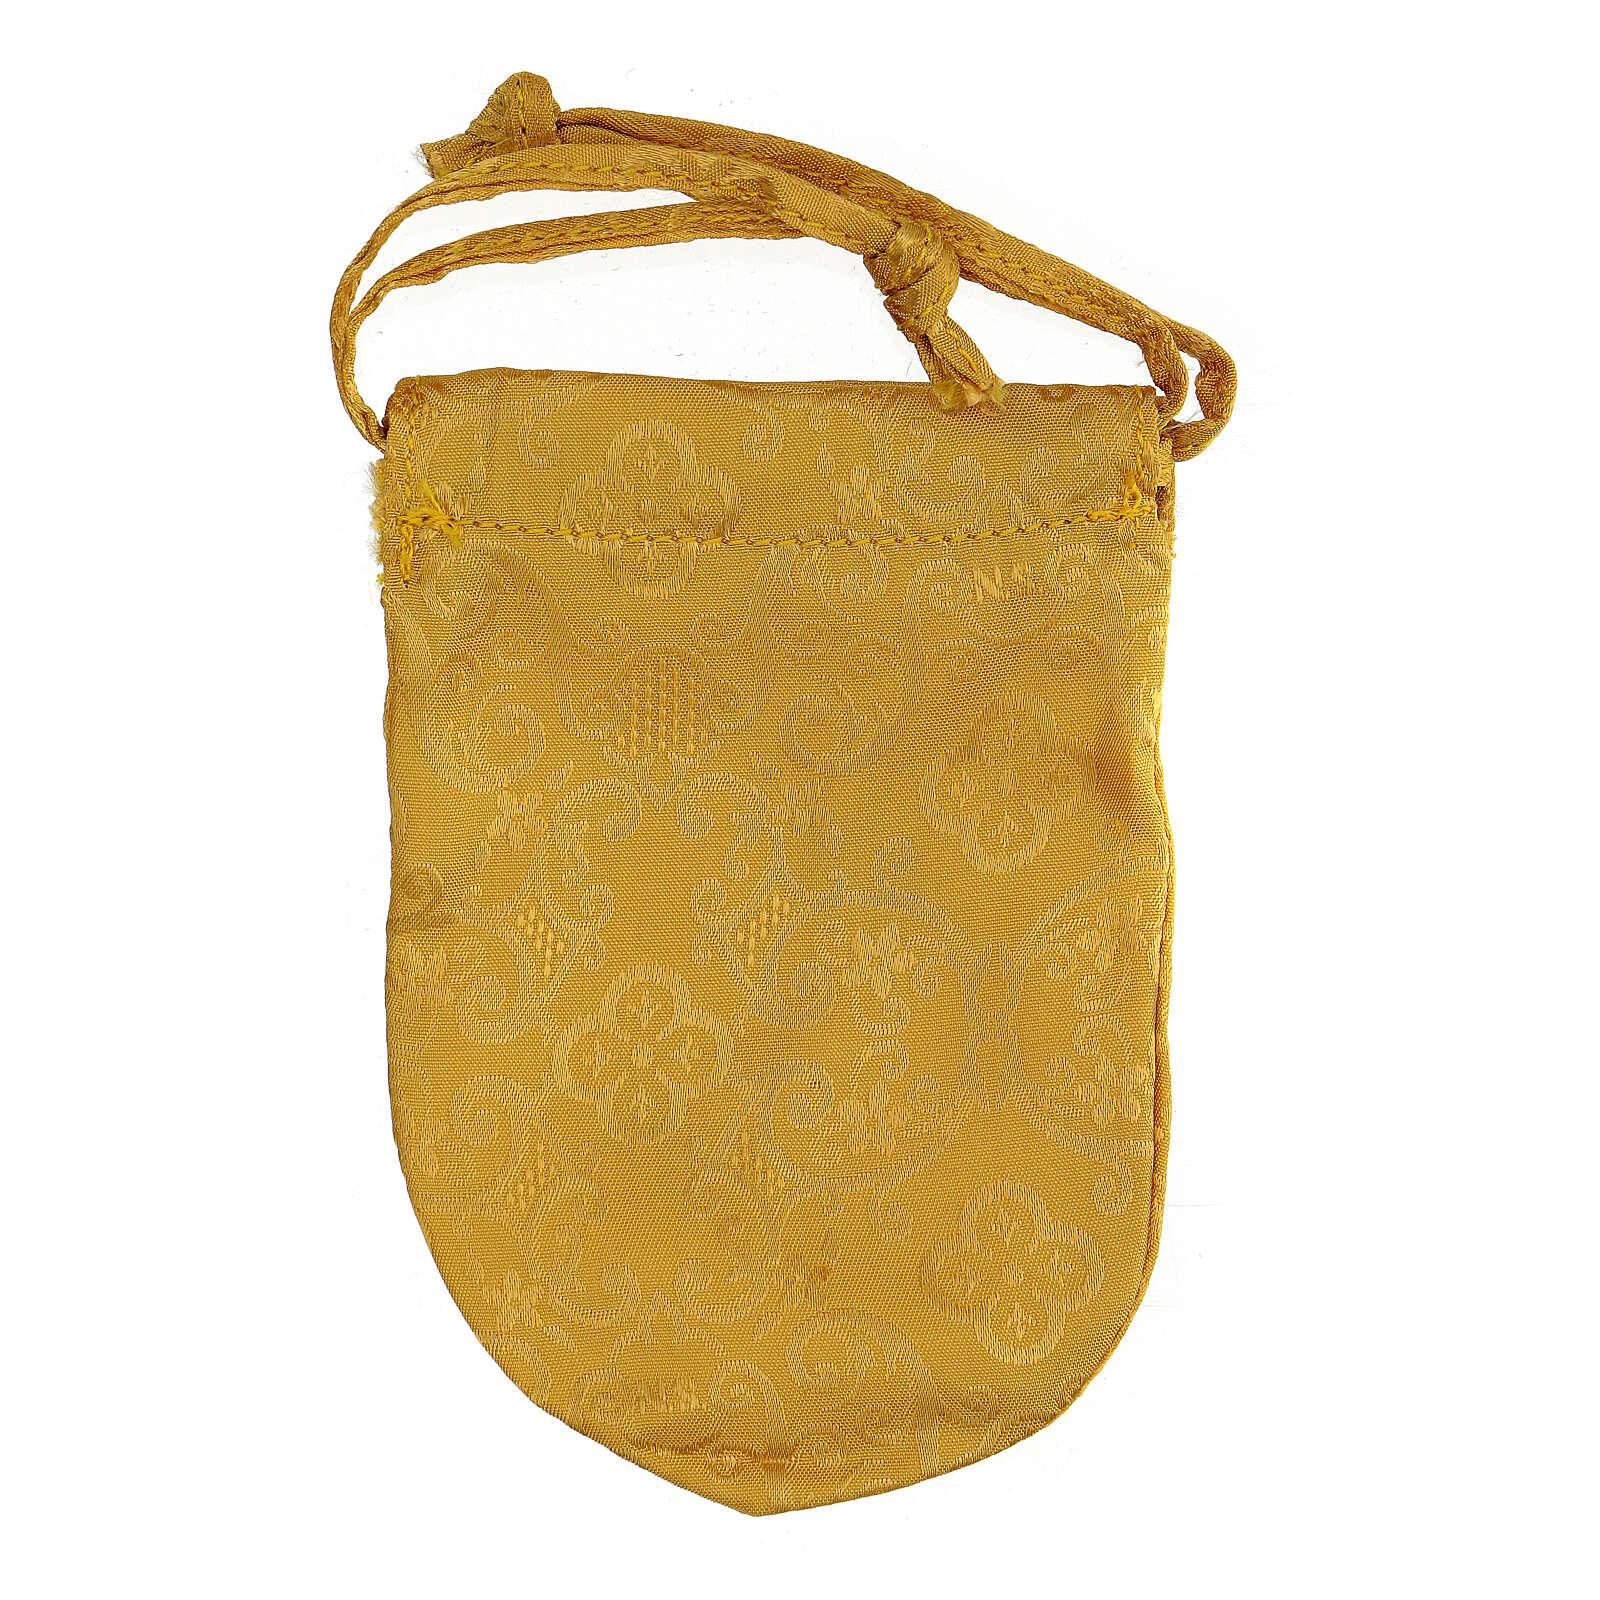 Bolsa dorada con relicario esmaltado 5 cm cruz y manutergio 3